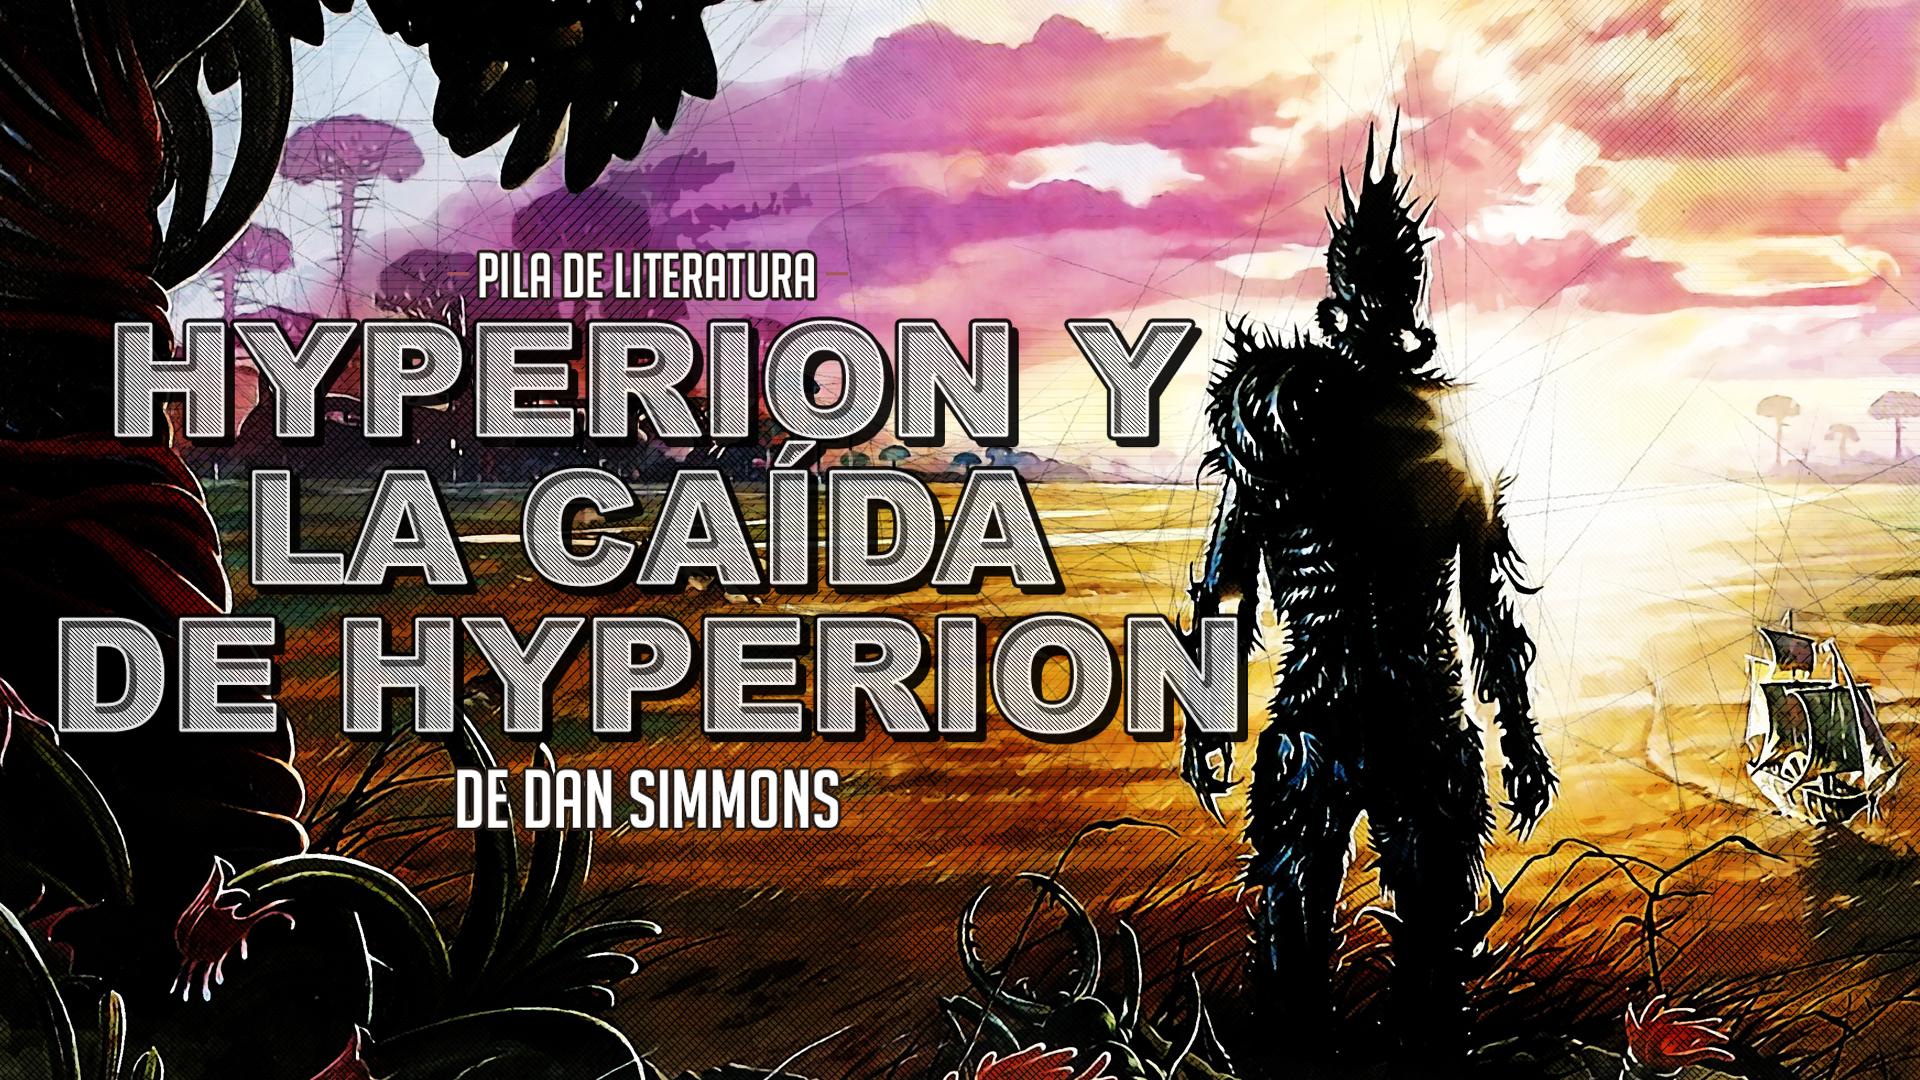 Pila de Literatura – Hyperion y La caída de Hyperion de Dan Simmons – Invitado Especial Octavio Narváez